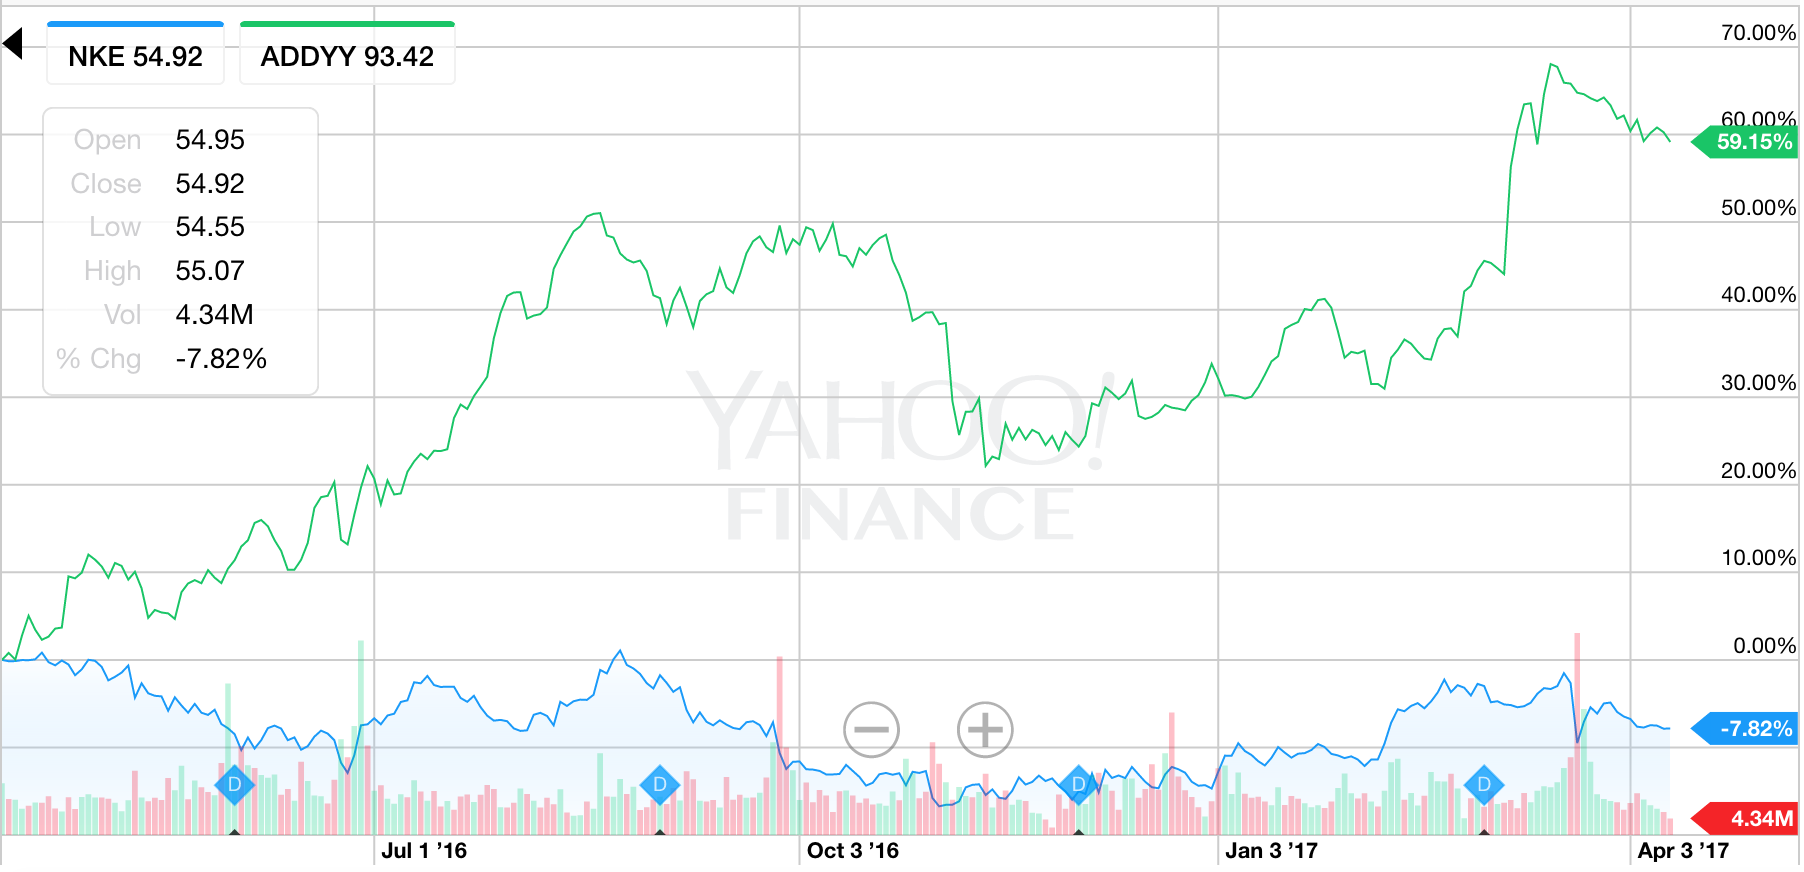 Nike Continues To Struggle - Nike Inc. (NYSE:NKE) | Seeking Alpha